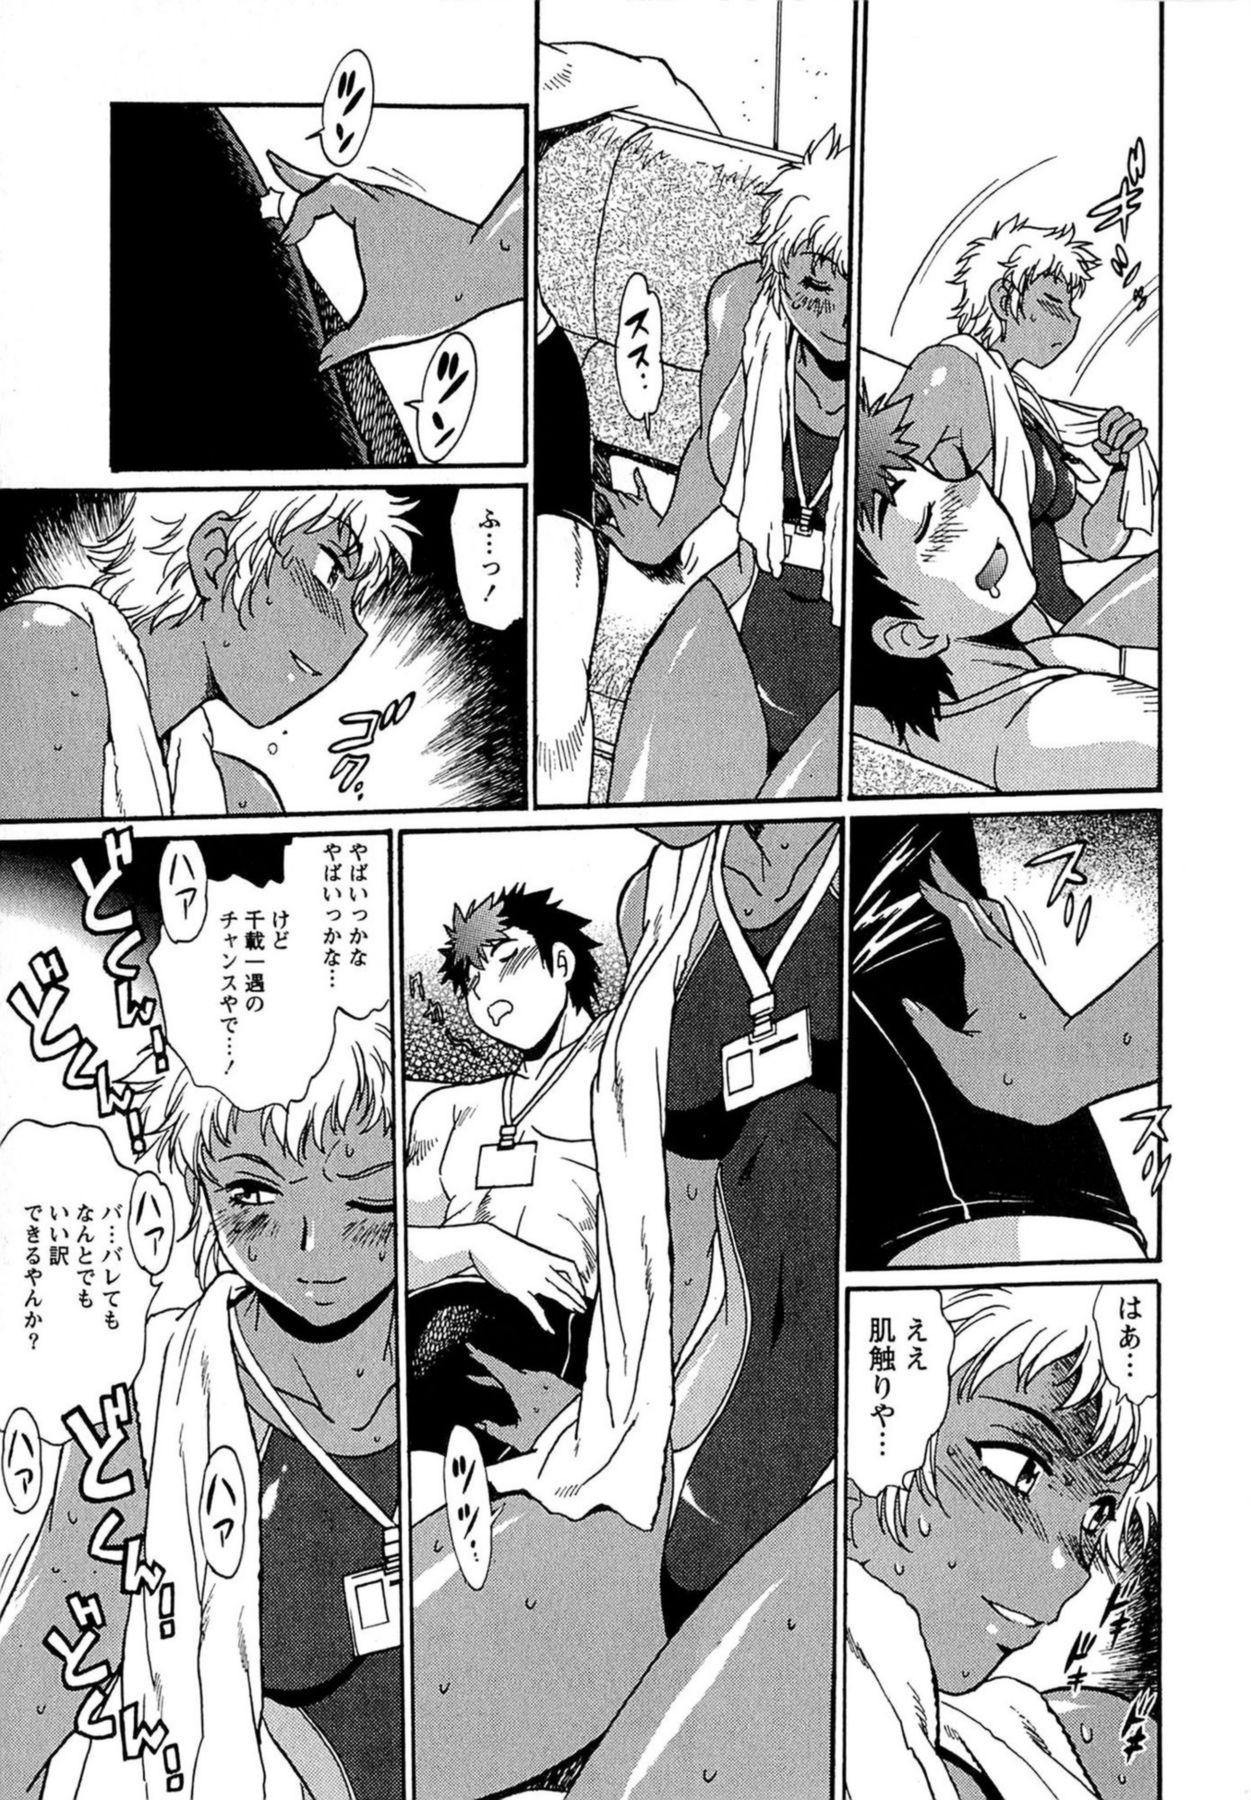 Kuikomi wo Naoshiteru Hima wa Nai! Vol. 1 179